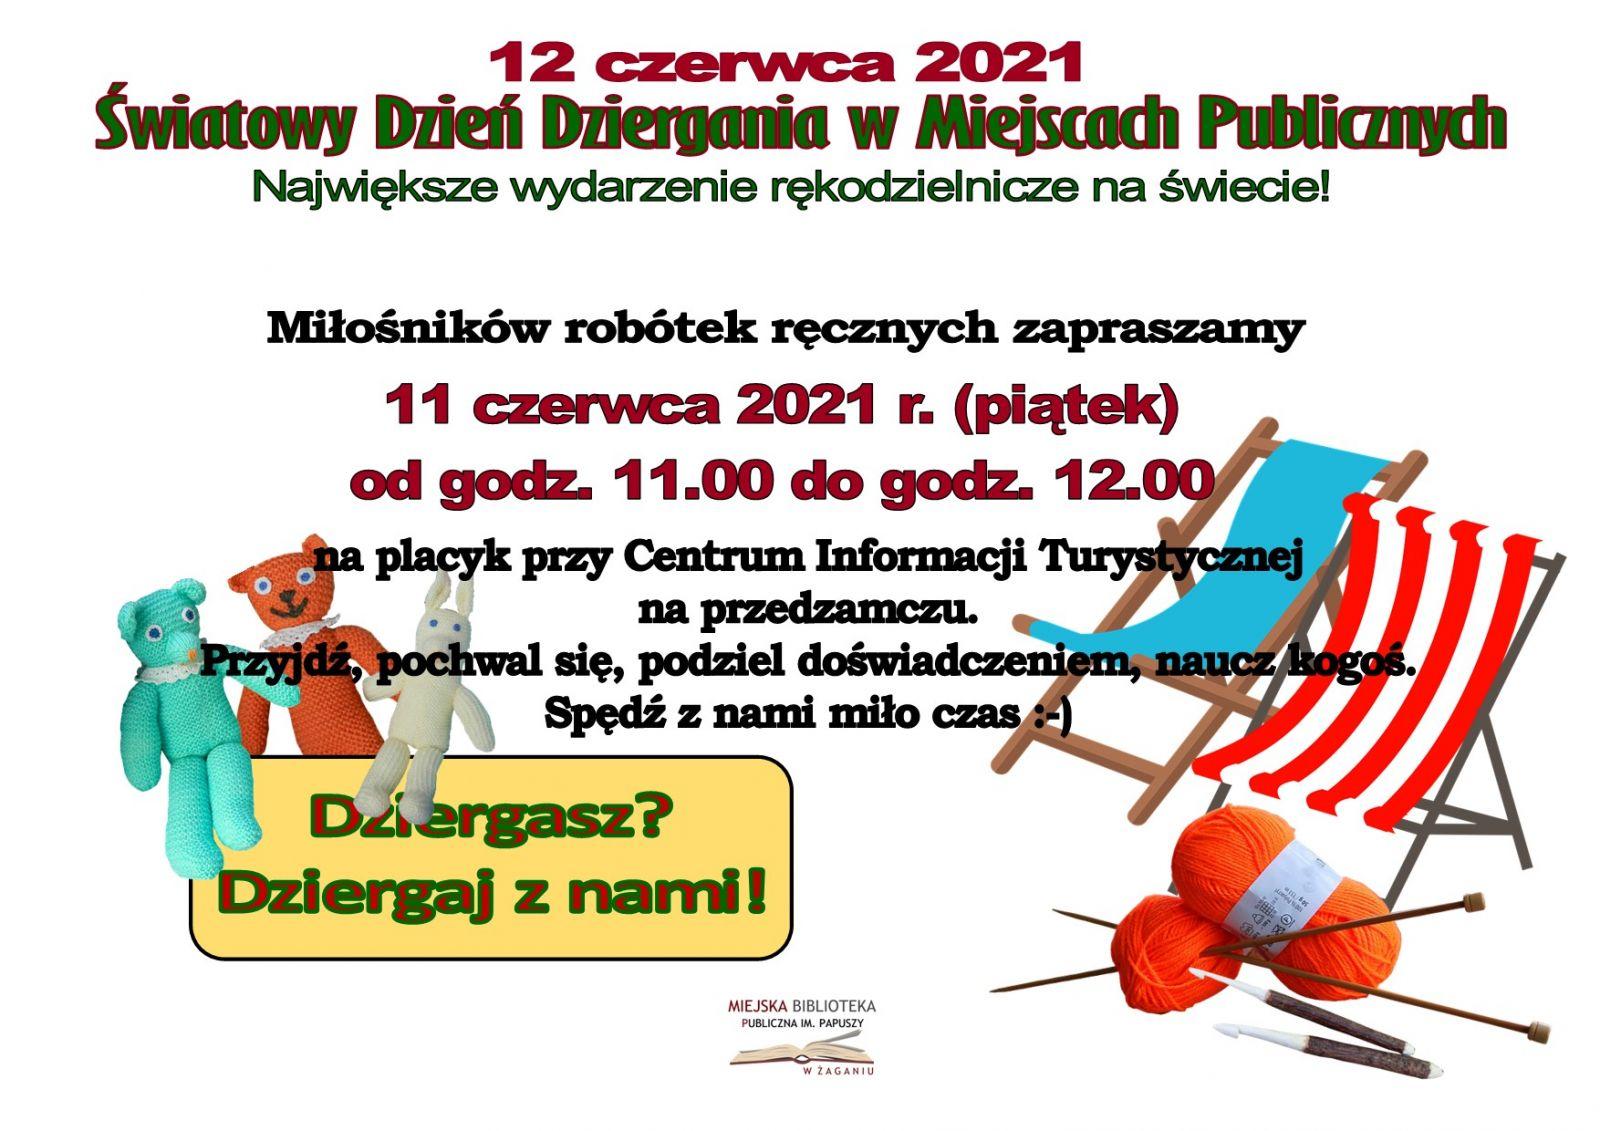 Plakat - zaproszenie. Na białym tle od góry czerwono-zielony tekst: 12 czerwca 2021 Światowy Dzień Dziergania w Miejscach Publicznych. Największe wydarzenie rękodzielnicze na świecie. Miłośników robótek ręcznych zapraszamy jedenastego czerwca 2021 roku (piątek) od godz. 11.00 do godziny 12.00 na placyk przy Centrum Informacji Turystycznej na przedzamczu. Przyjdź, pochwal się, podziel doświadczeniem, naucz kogoś. Spędź z nami miło czas. Poniżej z lewej na żółtym polu  tekst Dziergasz? Dziergaj z nami. Na samym dole logo Biblioteki.  Plakat-zaproszenie dekorowany grafiką przedstawiającą ręczne robótki, szydełka, leżaki i motek włóczki.